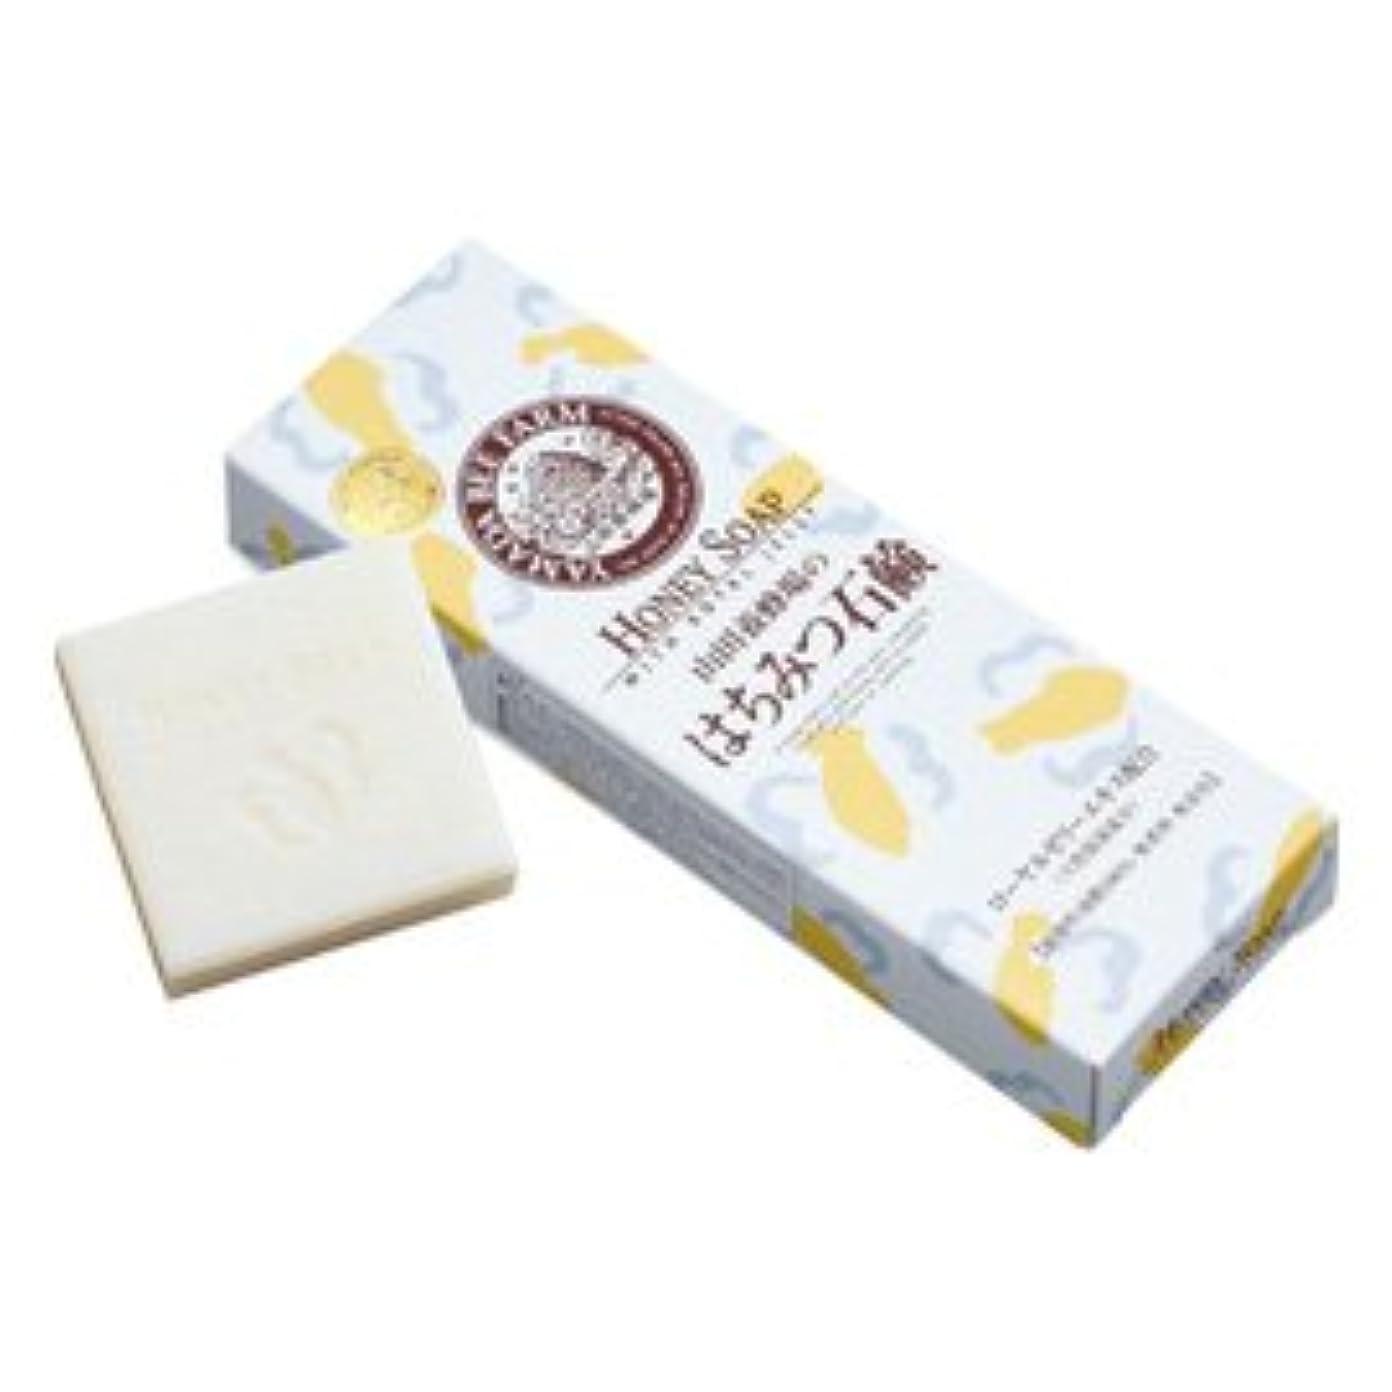 侵略好みレシピはちみつ石鹸 60g×3個入/Honey Soap